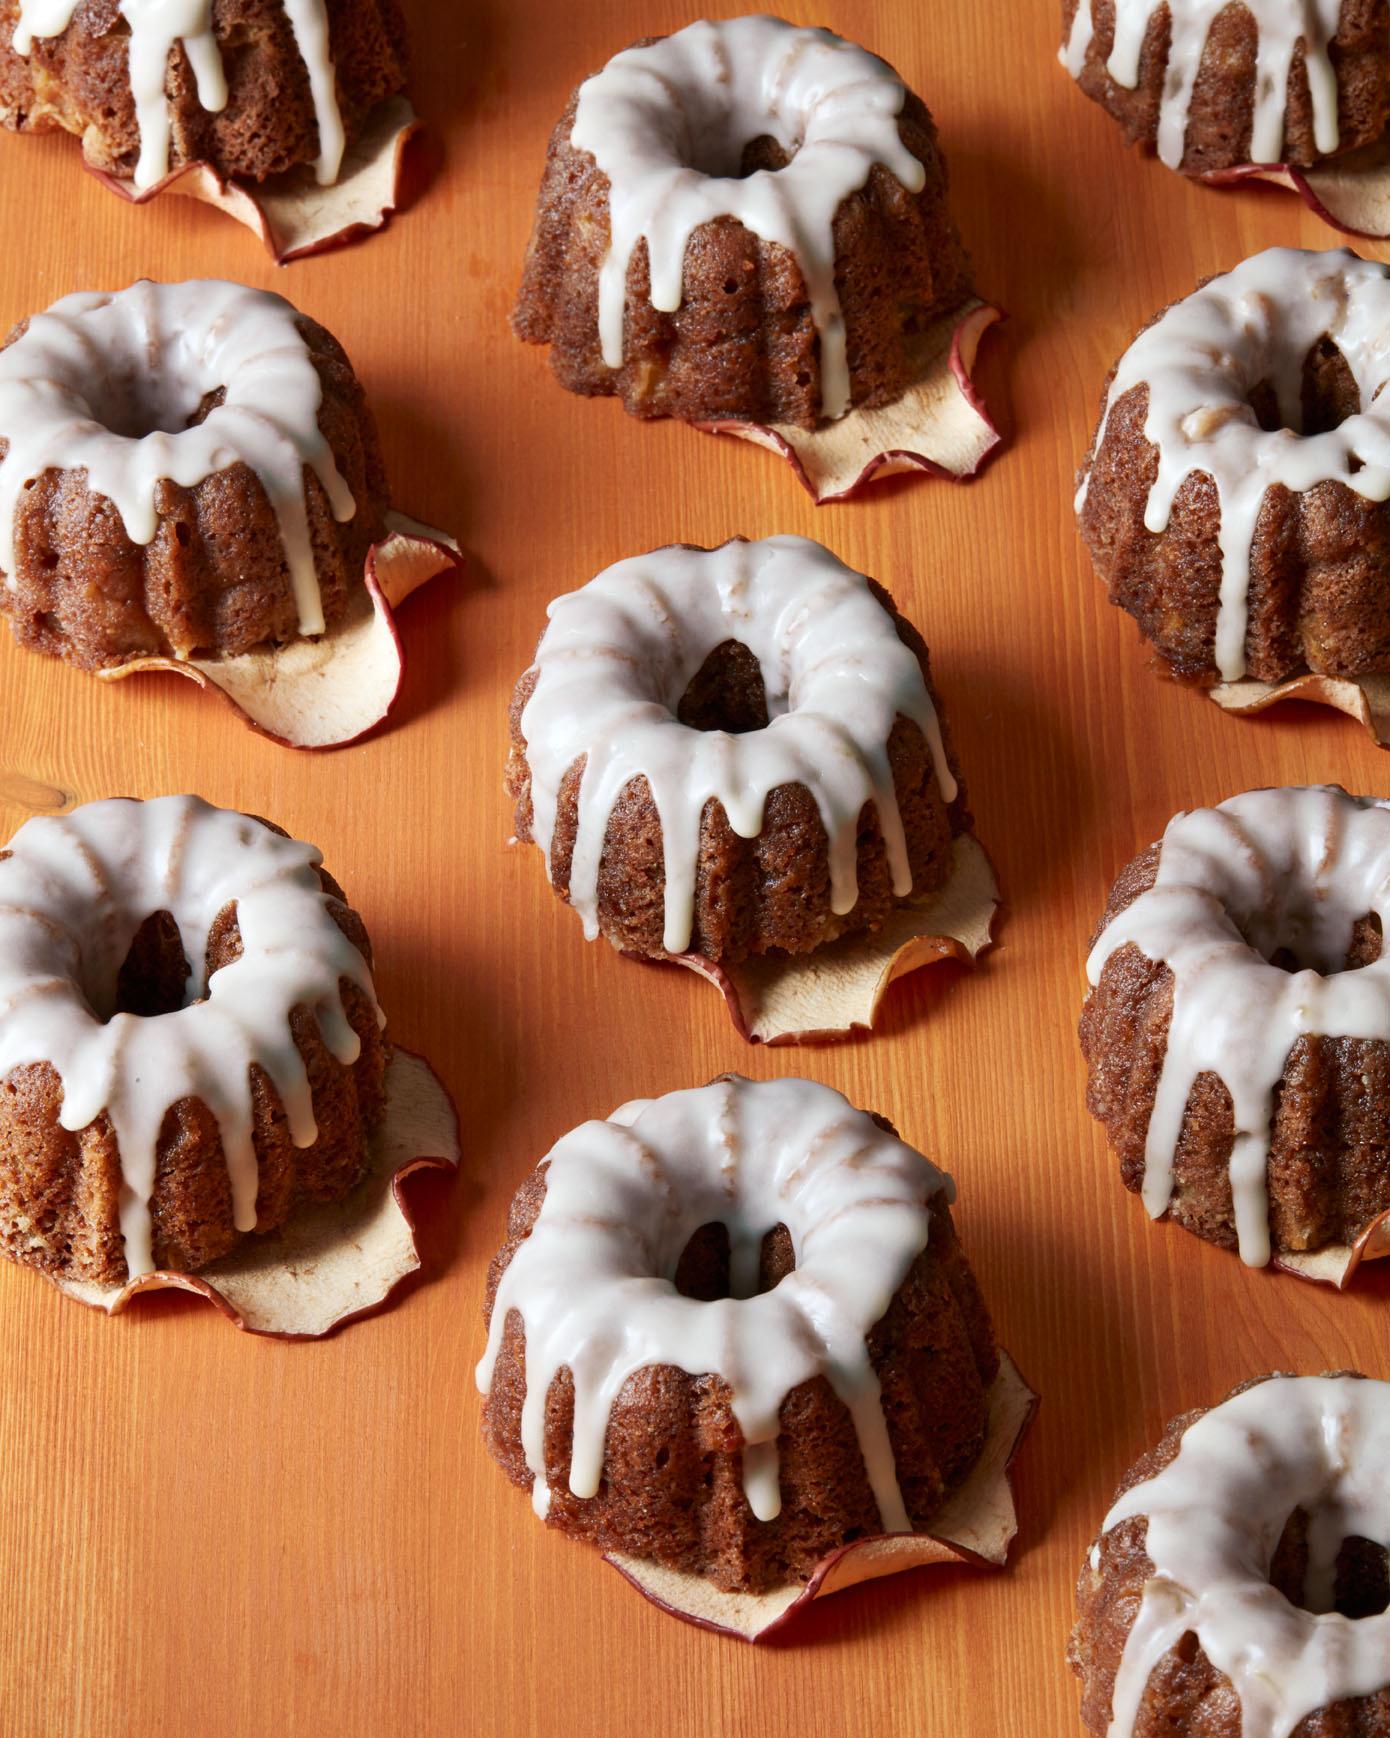 fall-dessert-apple-bundt-cakes-4299-hero-d113106.jpg